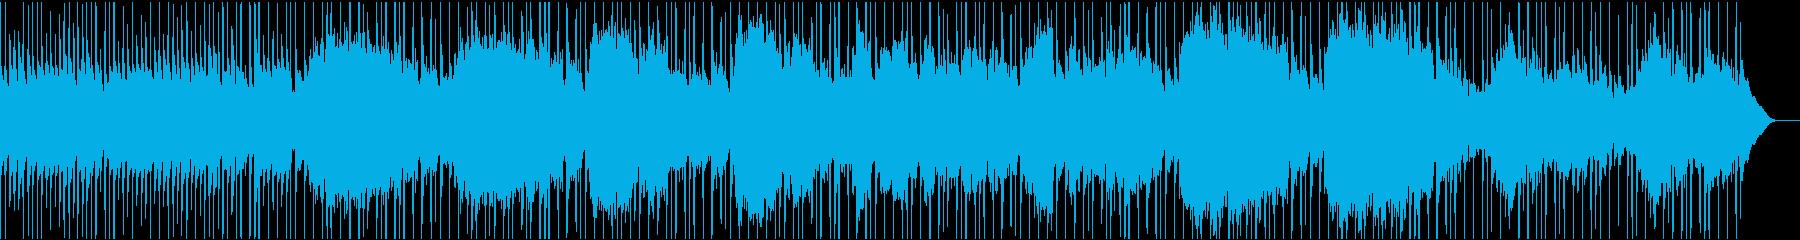 ノスタルジーな口笛カントリーミュージックの再生済みの波形